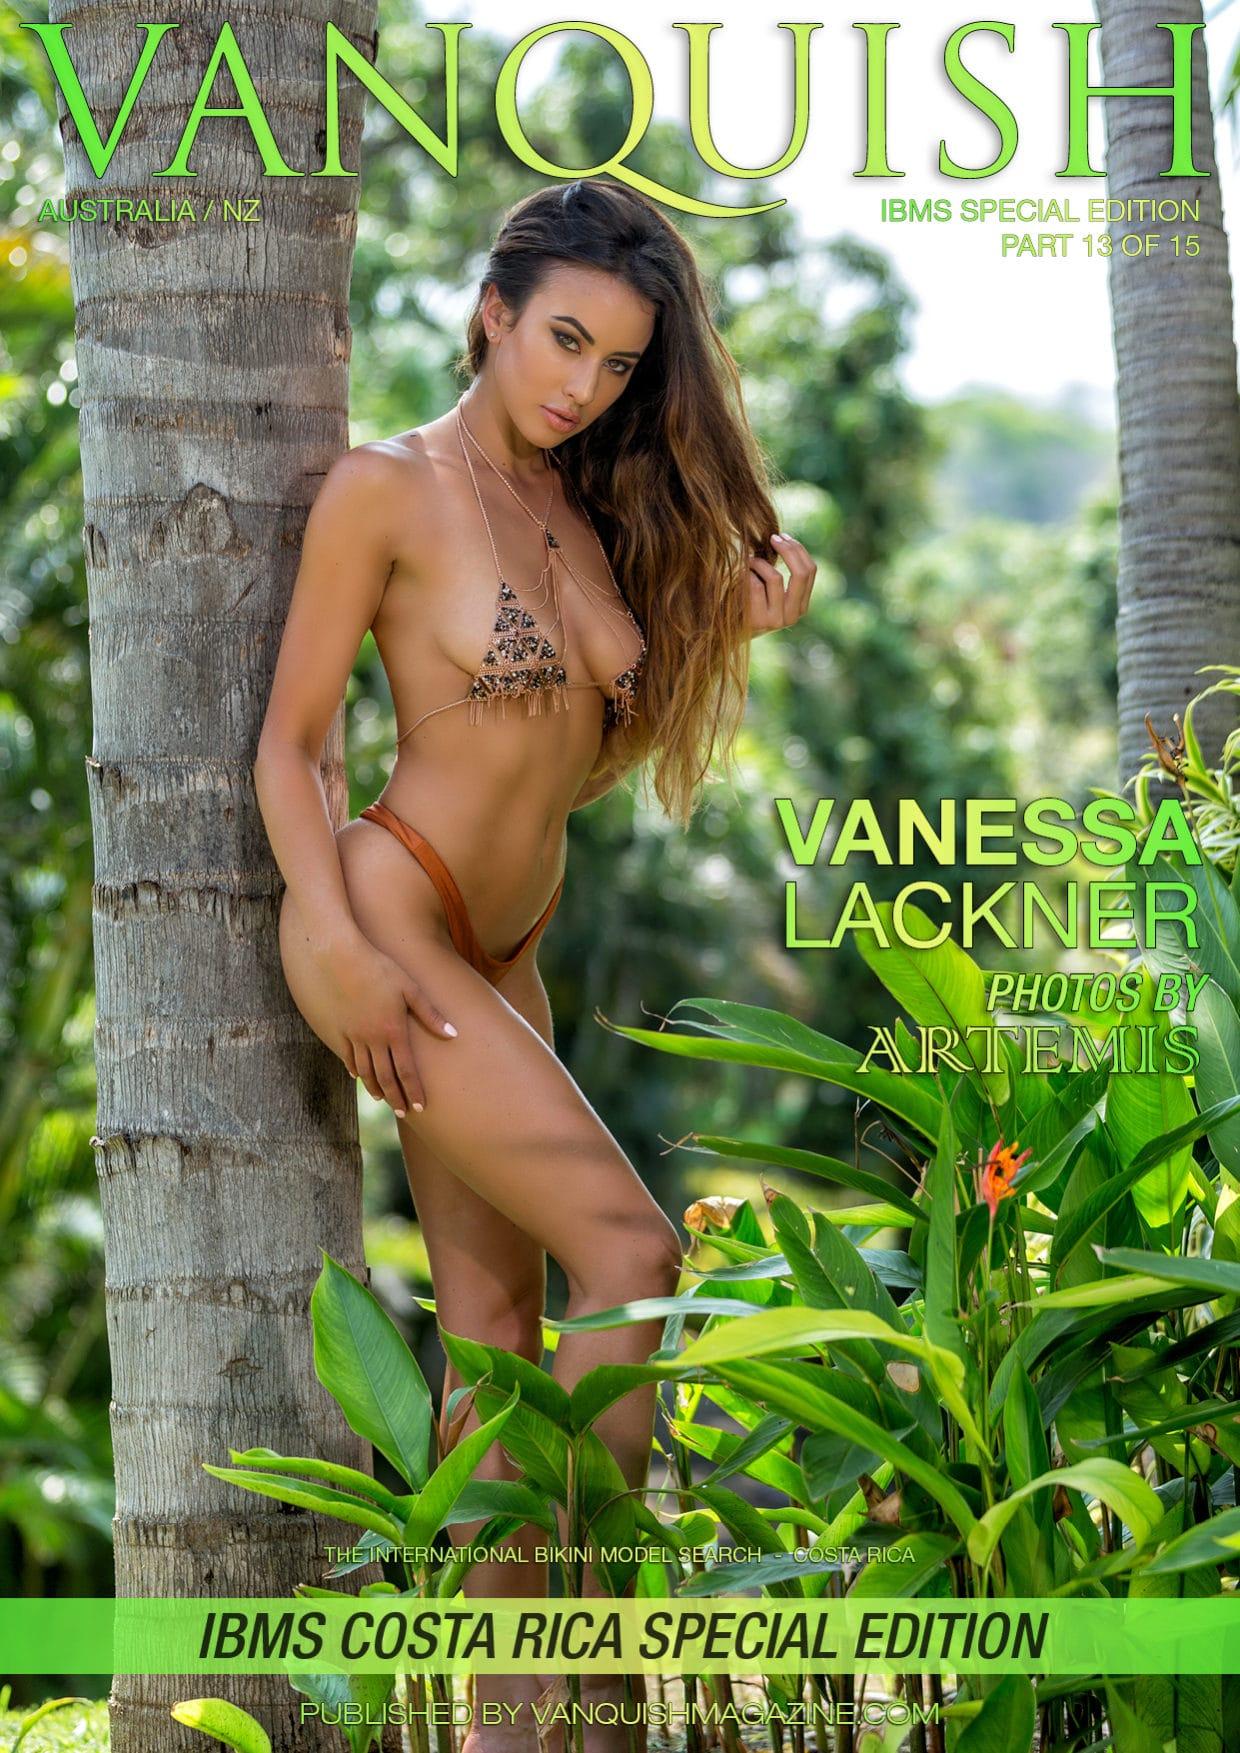 Vanquish Magazine – Ibms Costa Rica – Part 13 – Vanessa Lackner